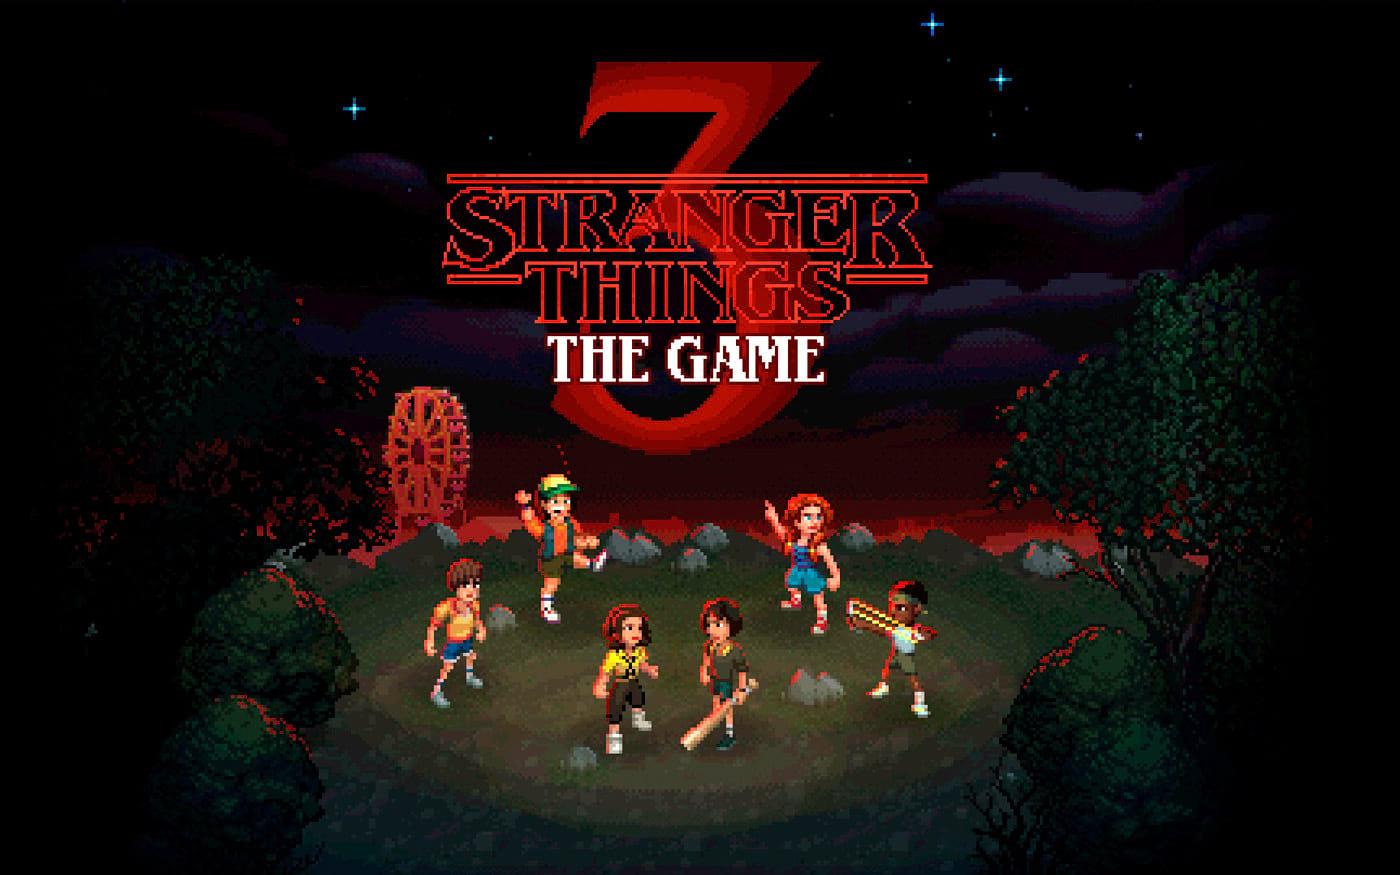 Requisitos mínimos para rodar Stranger Things 3: The Game no PC